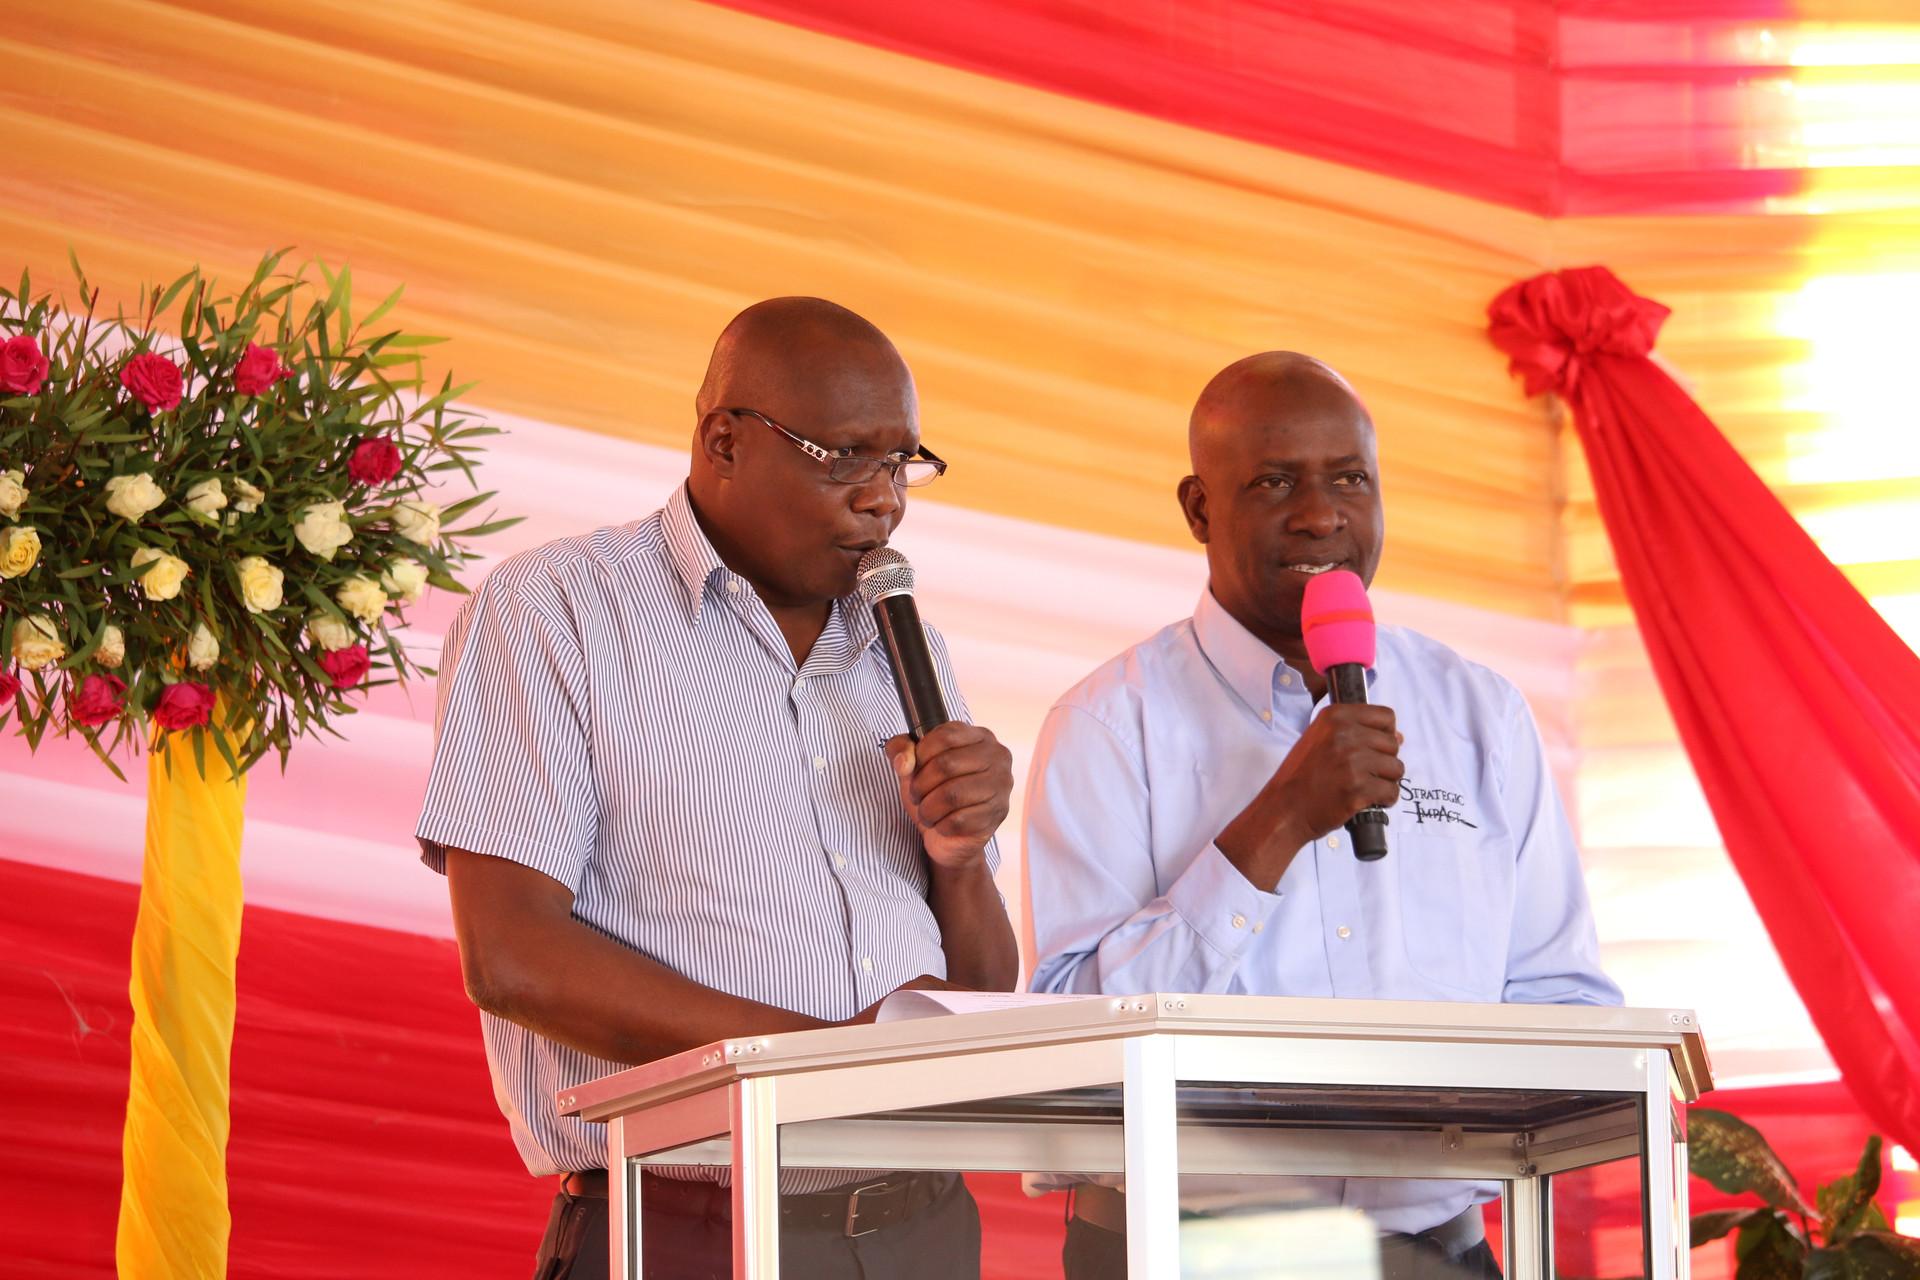 Azikiwe and Wandamba teaching and interpreting in Iringa